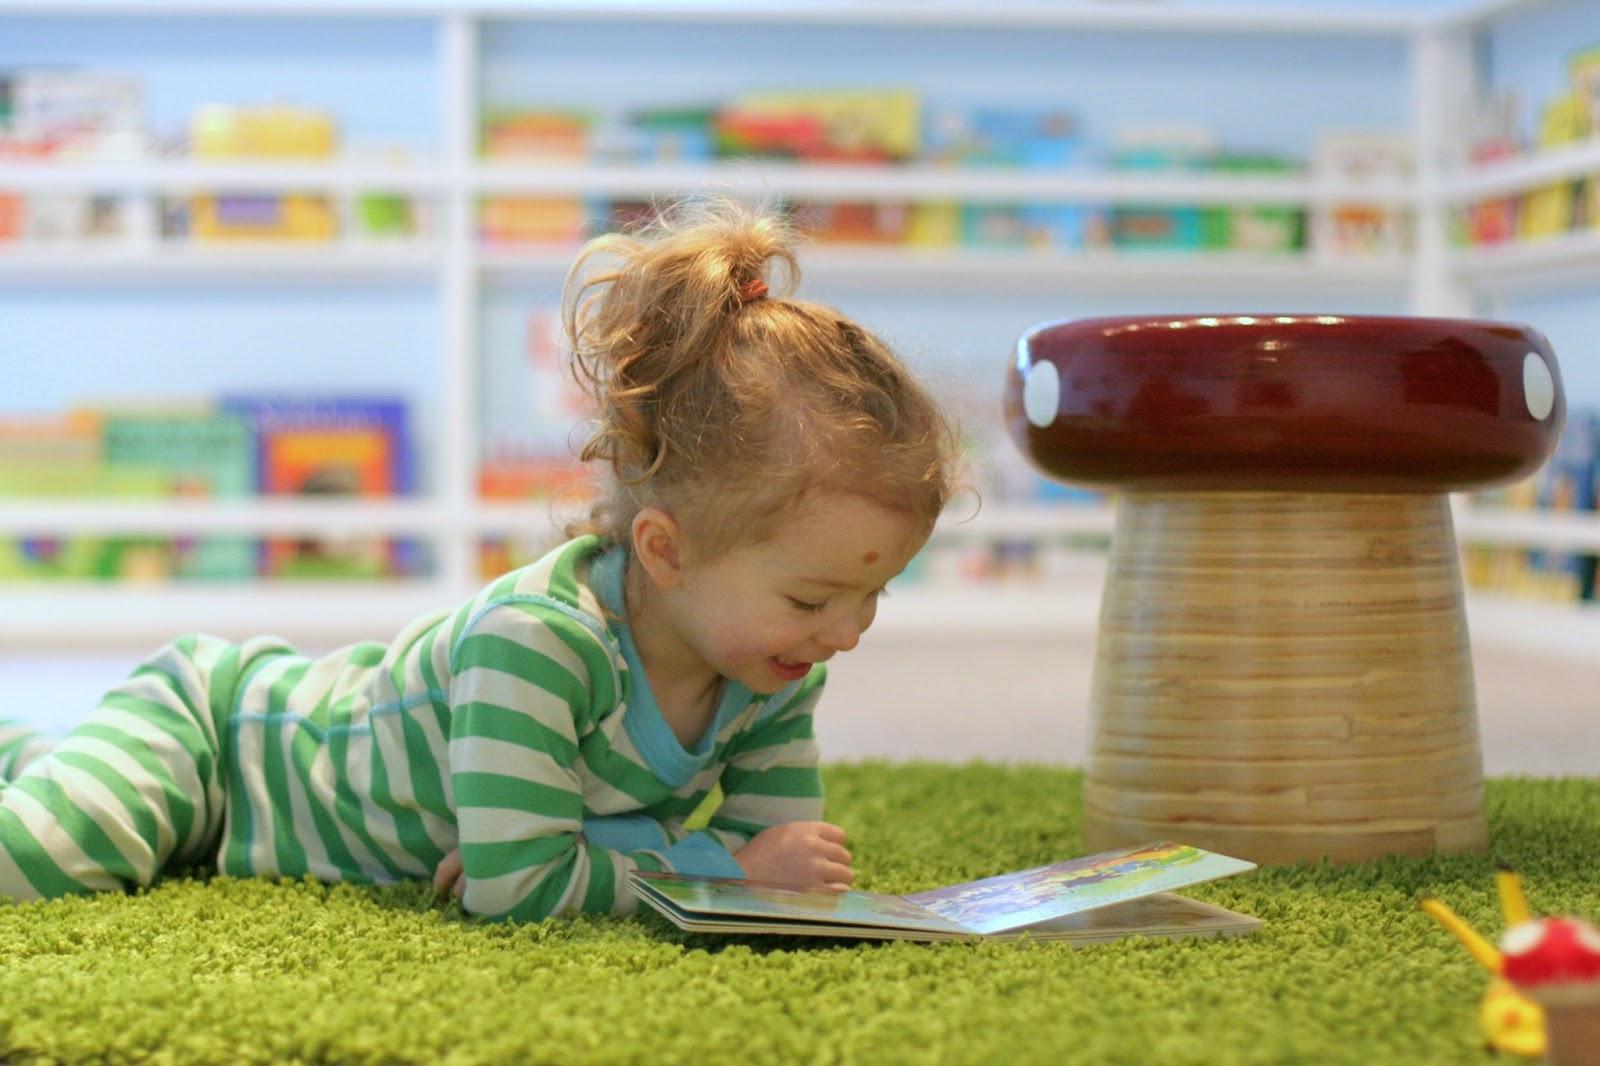 Детские ковры! Недорогие детские ковры для мальчиков и <strong>ковры шелковые в интерьере</strong> девочек!